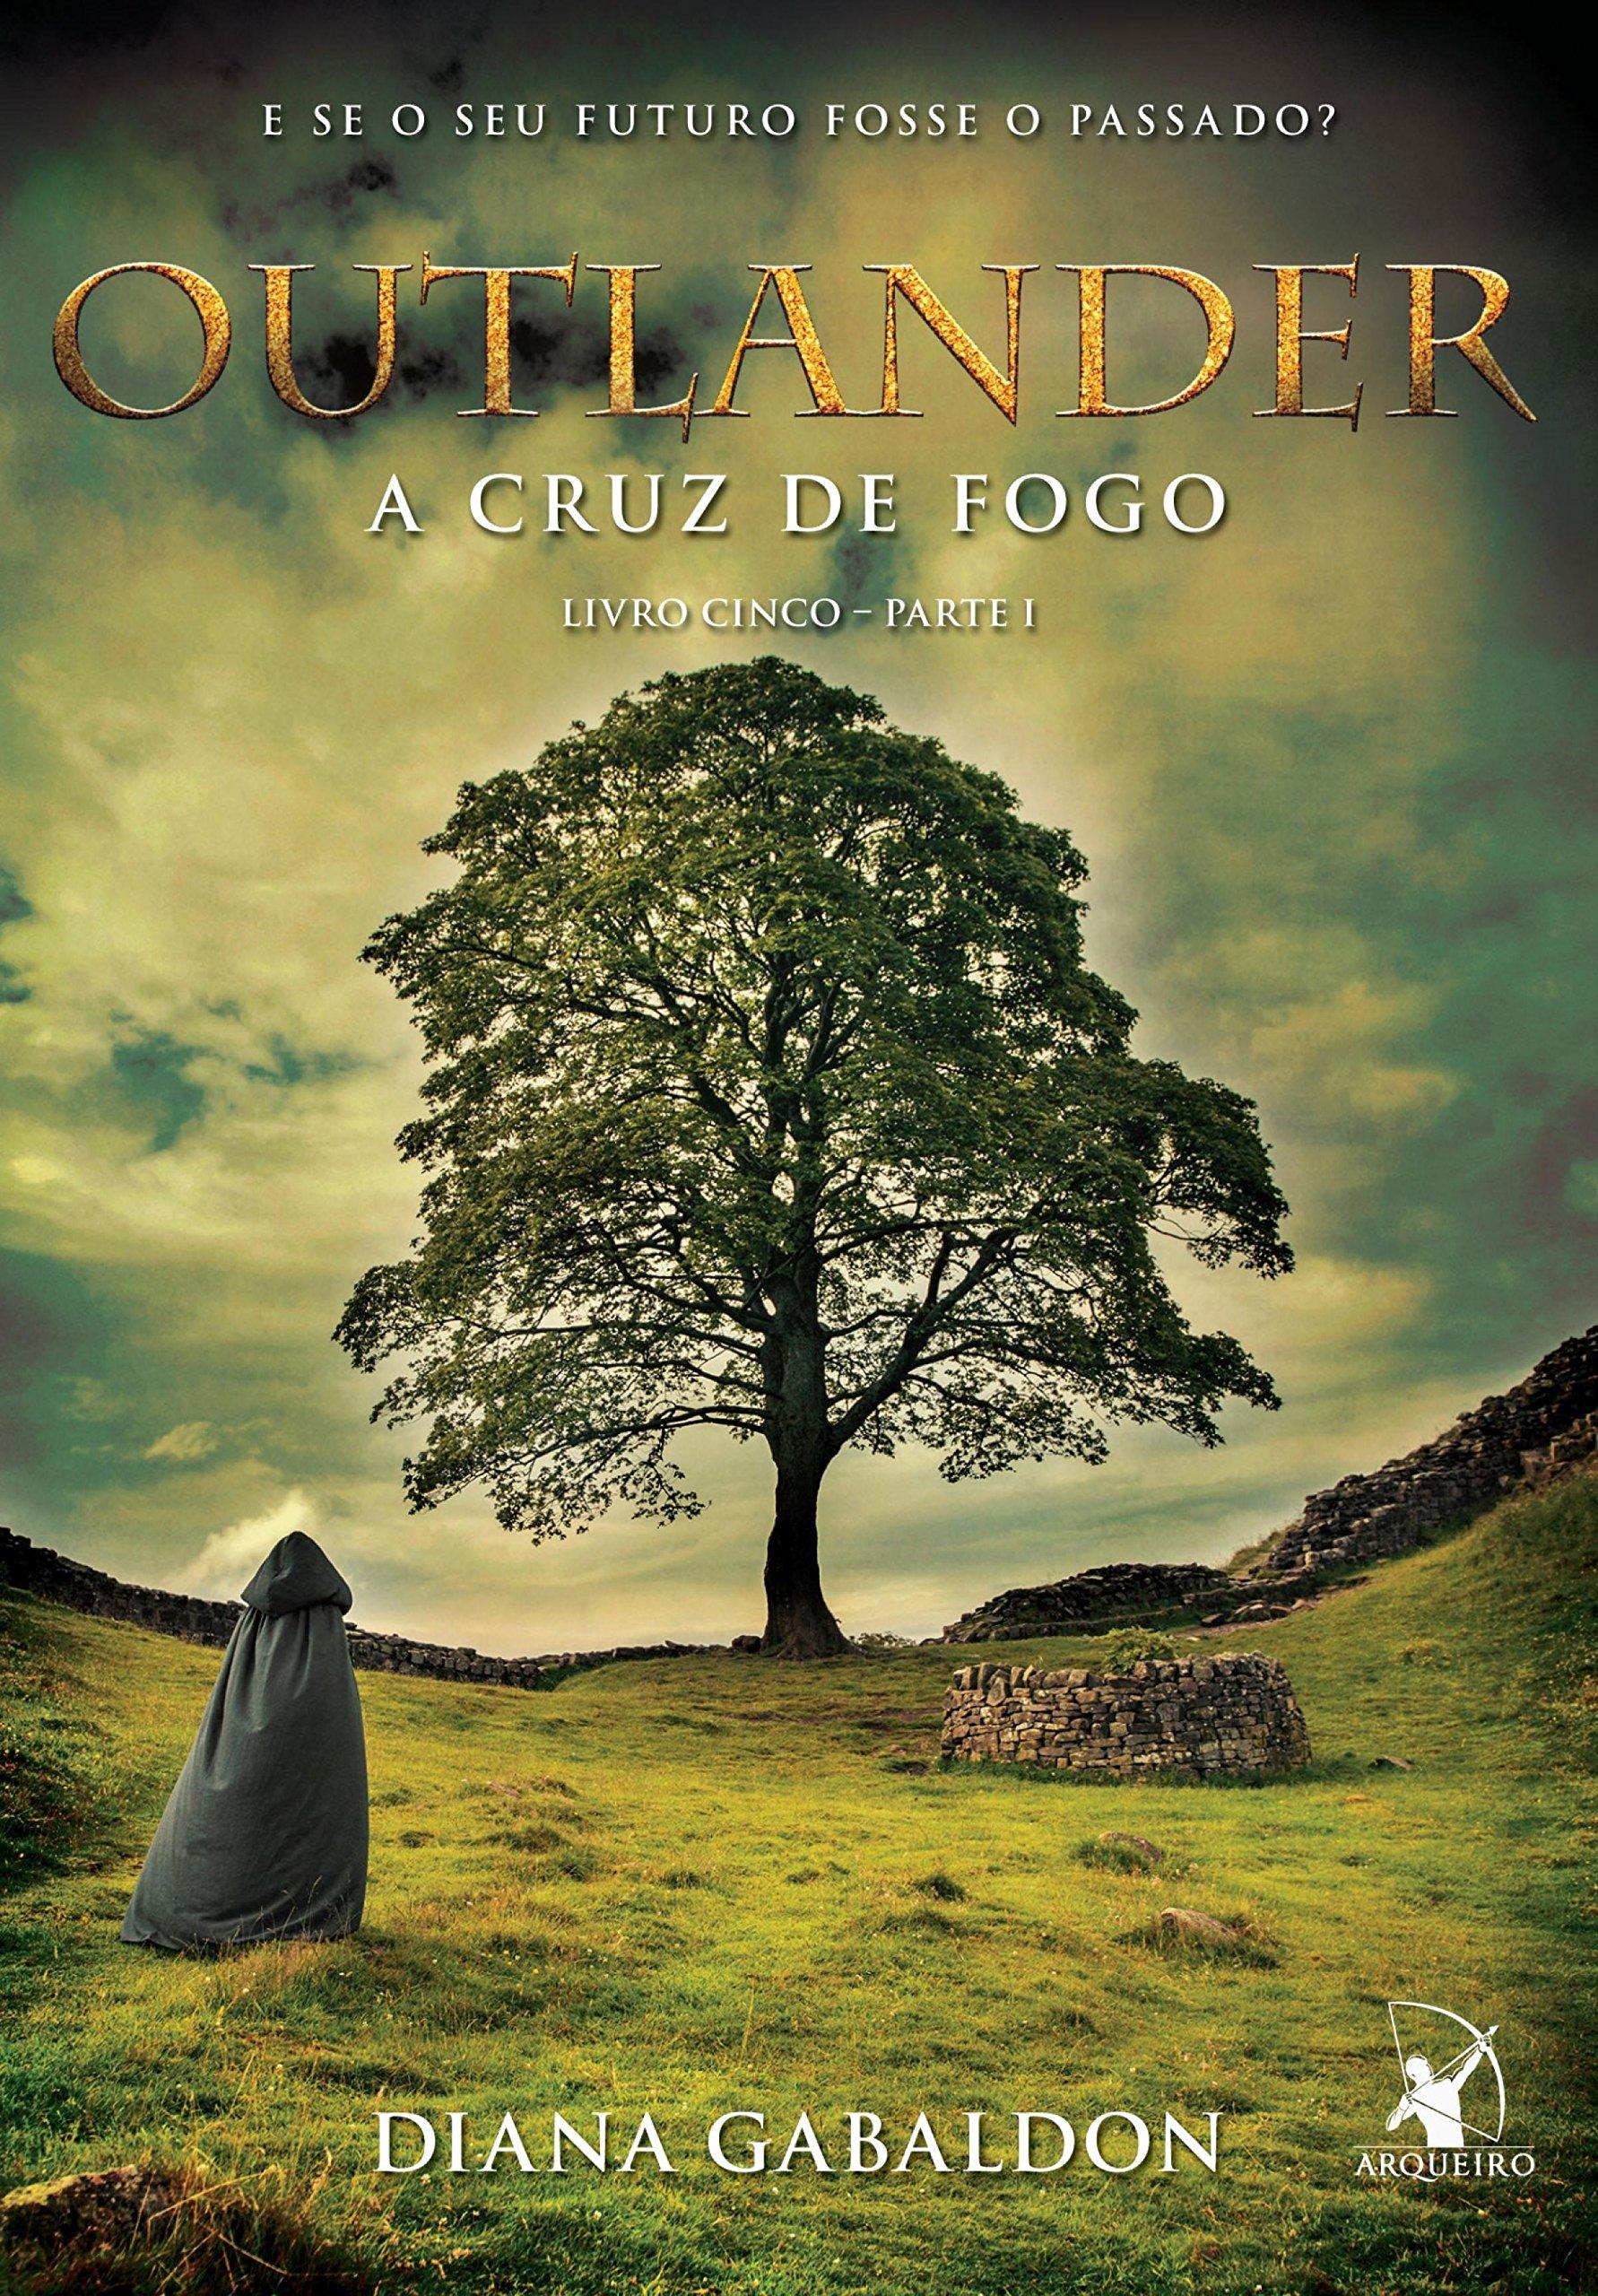 Outlander, a Cruz de fogo - parte I